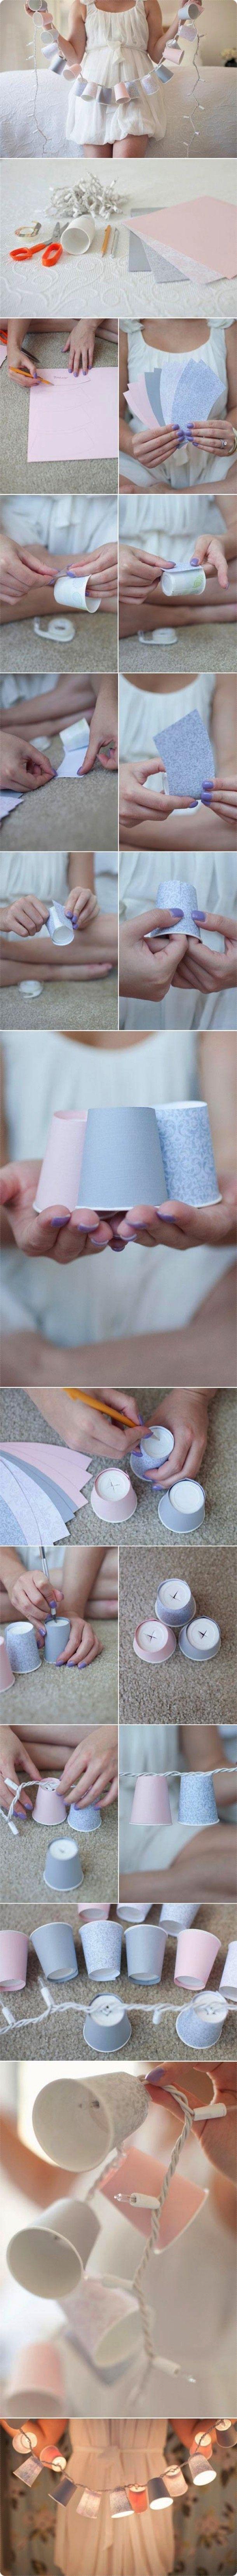 Zelf maken | Leuke lampjes slinger maken Door everlienpol